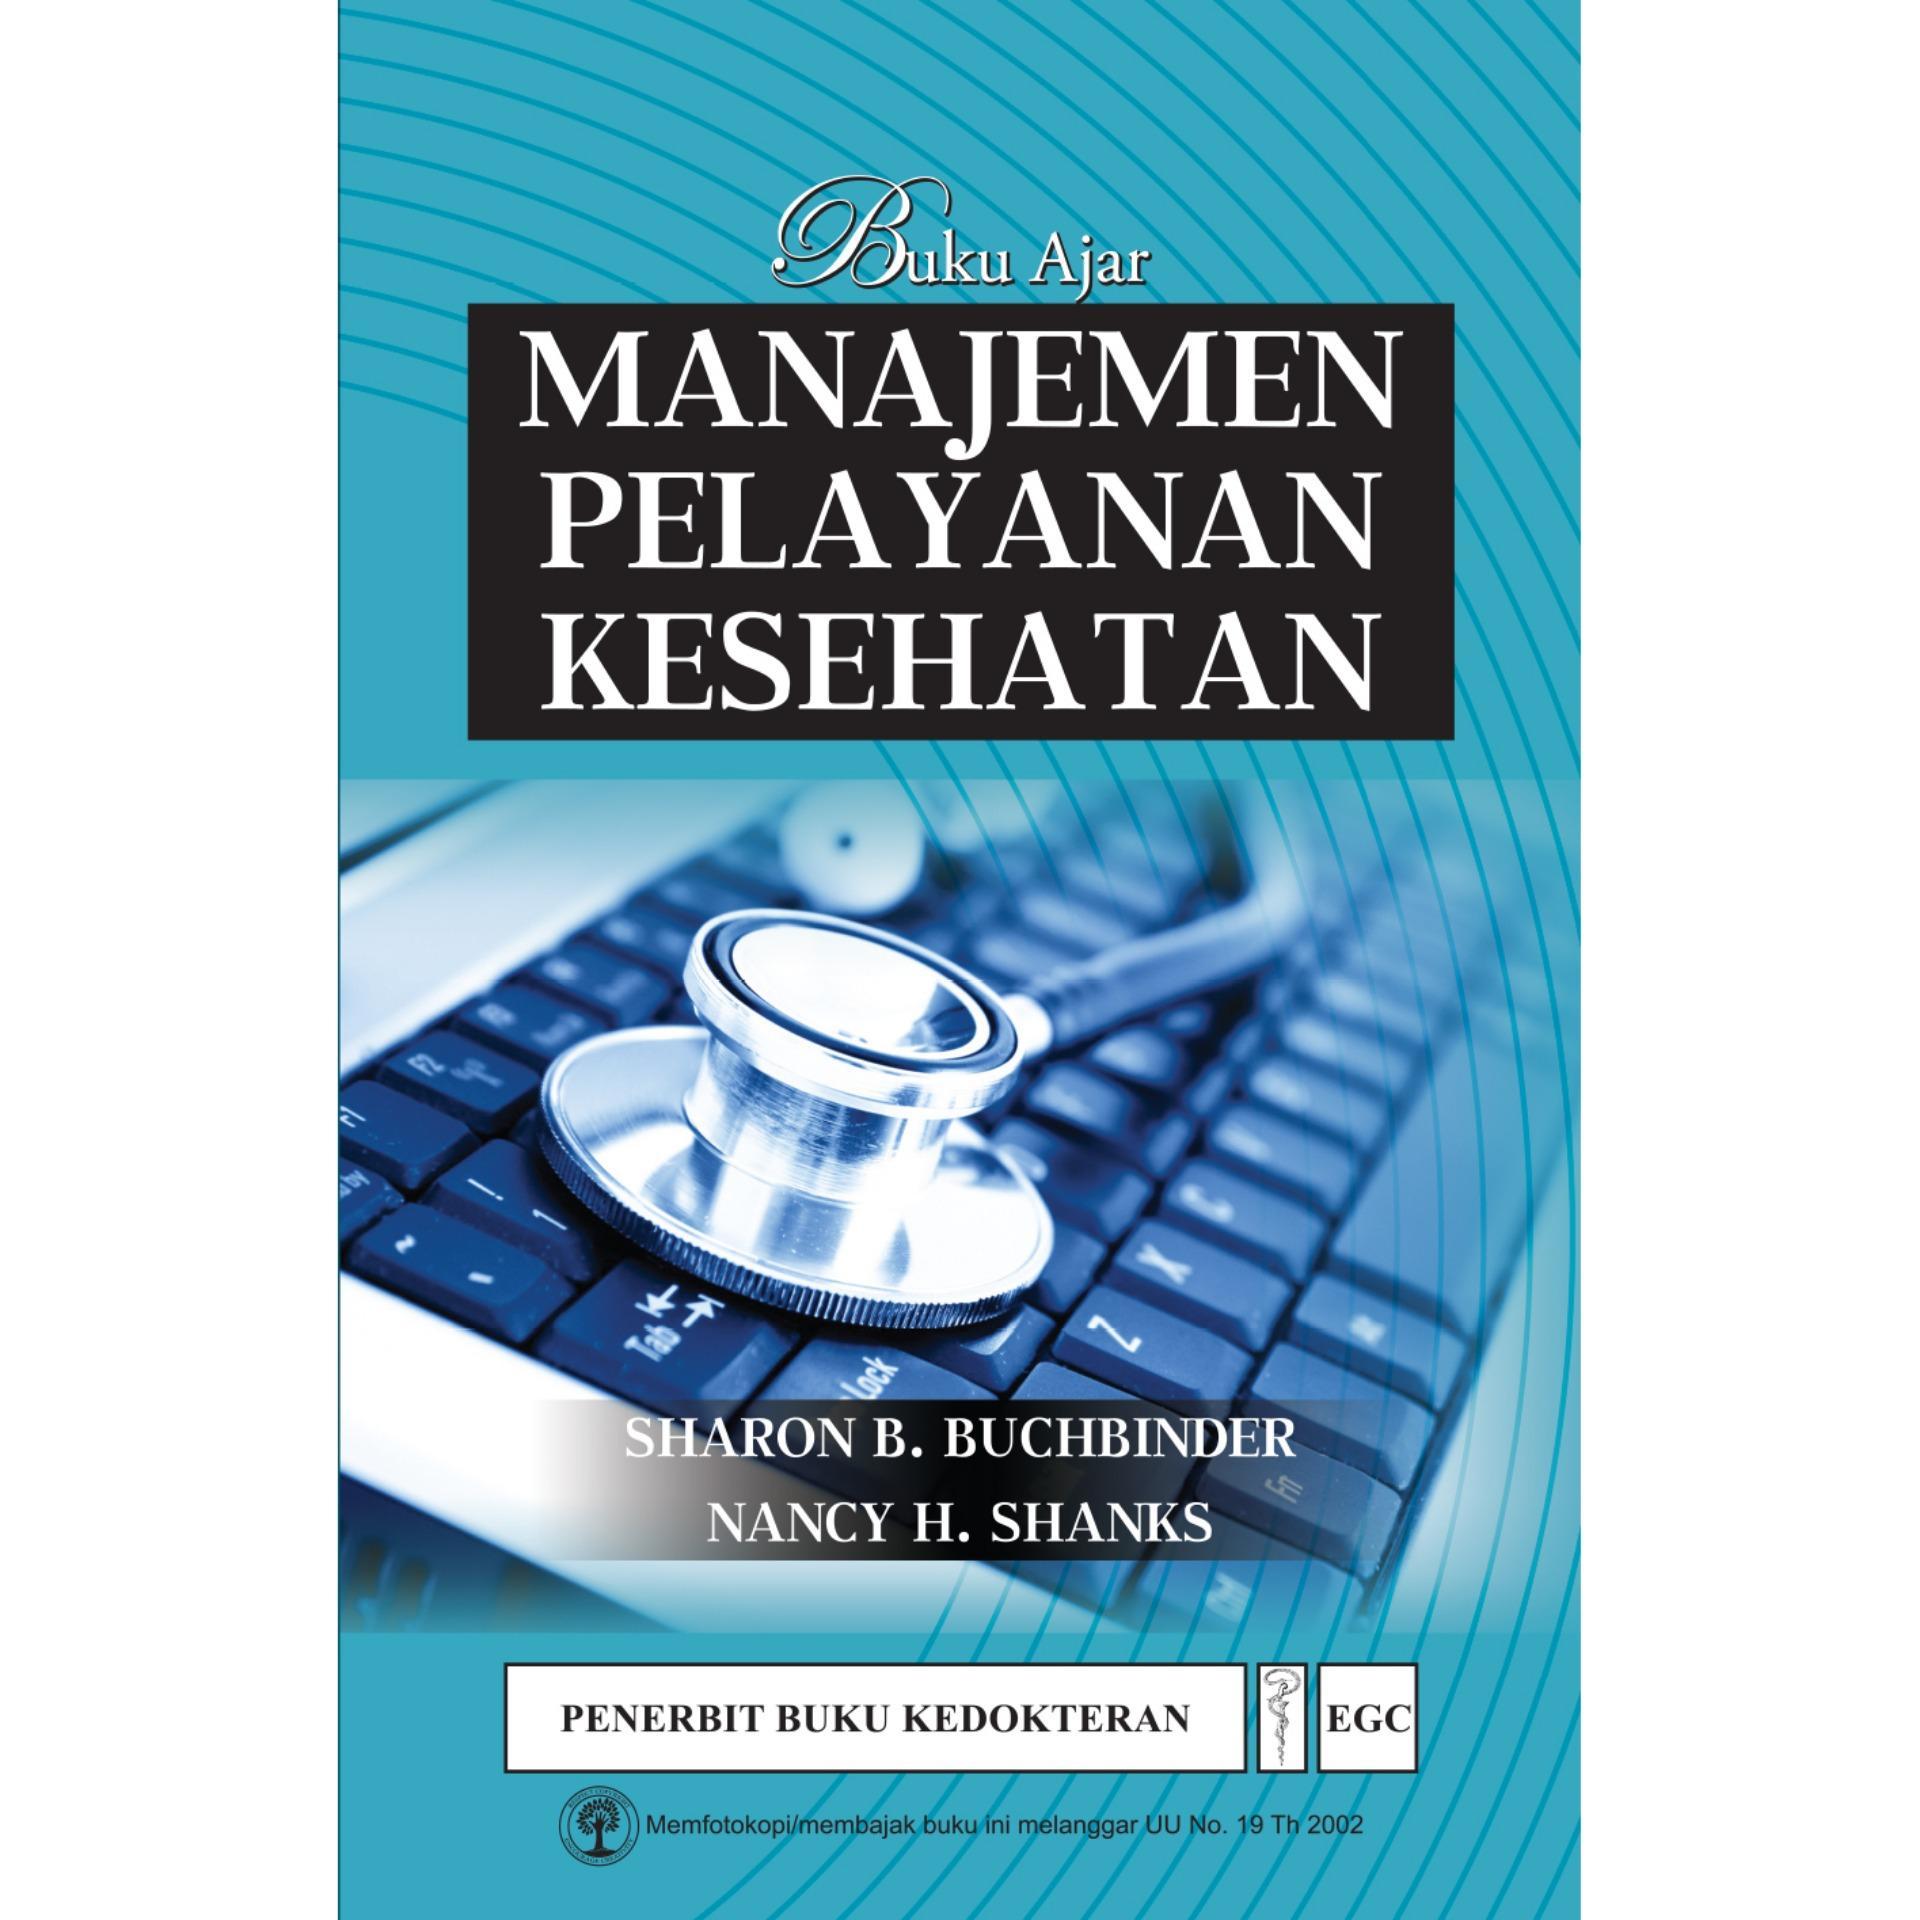 Buku Ajar Manajemen Pelayanan Kesehatan